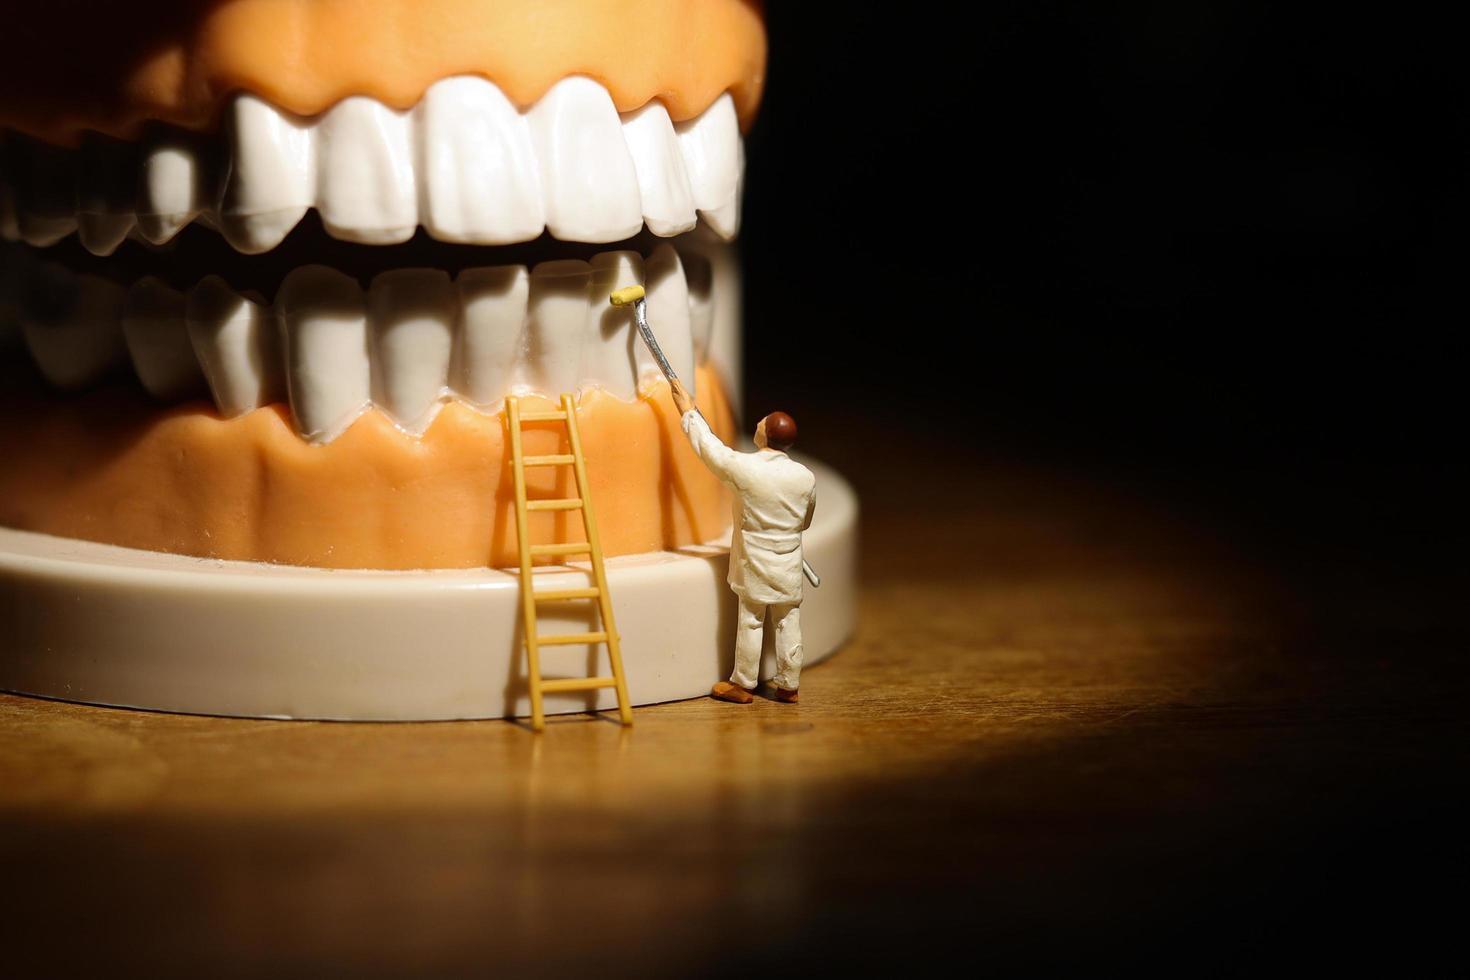 homme miniature, peinture, dents, blanc photo